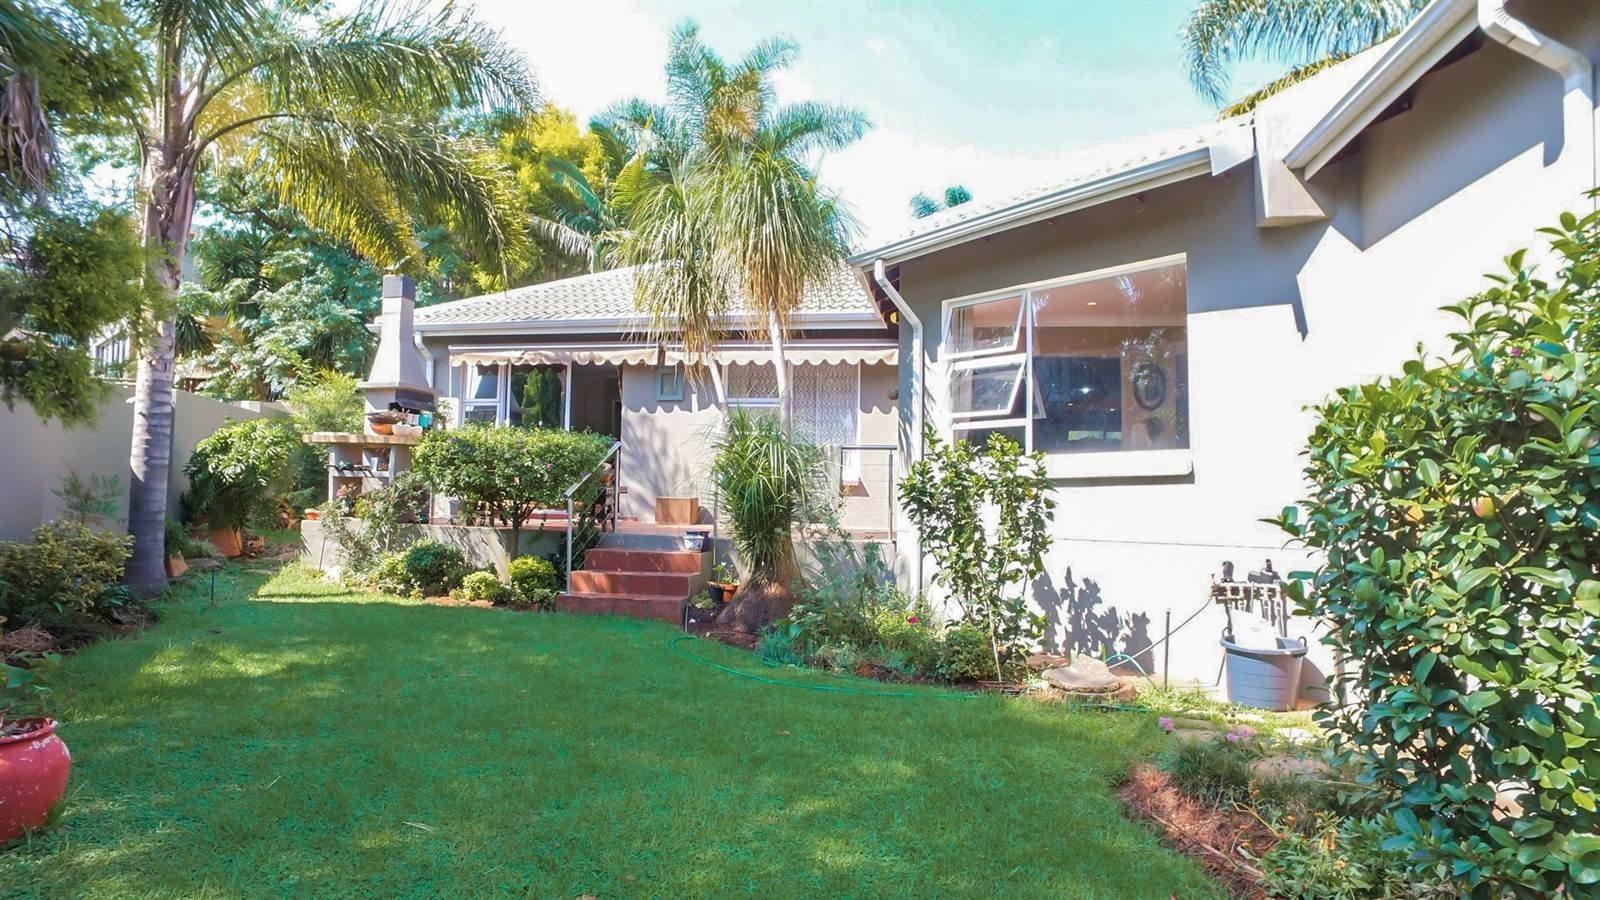 Centurion, Eldoglen Property  | Houses For Sale Eldoglen, Eldoglen, House 3 bedrooms property for sale Price:2,250,000